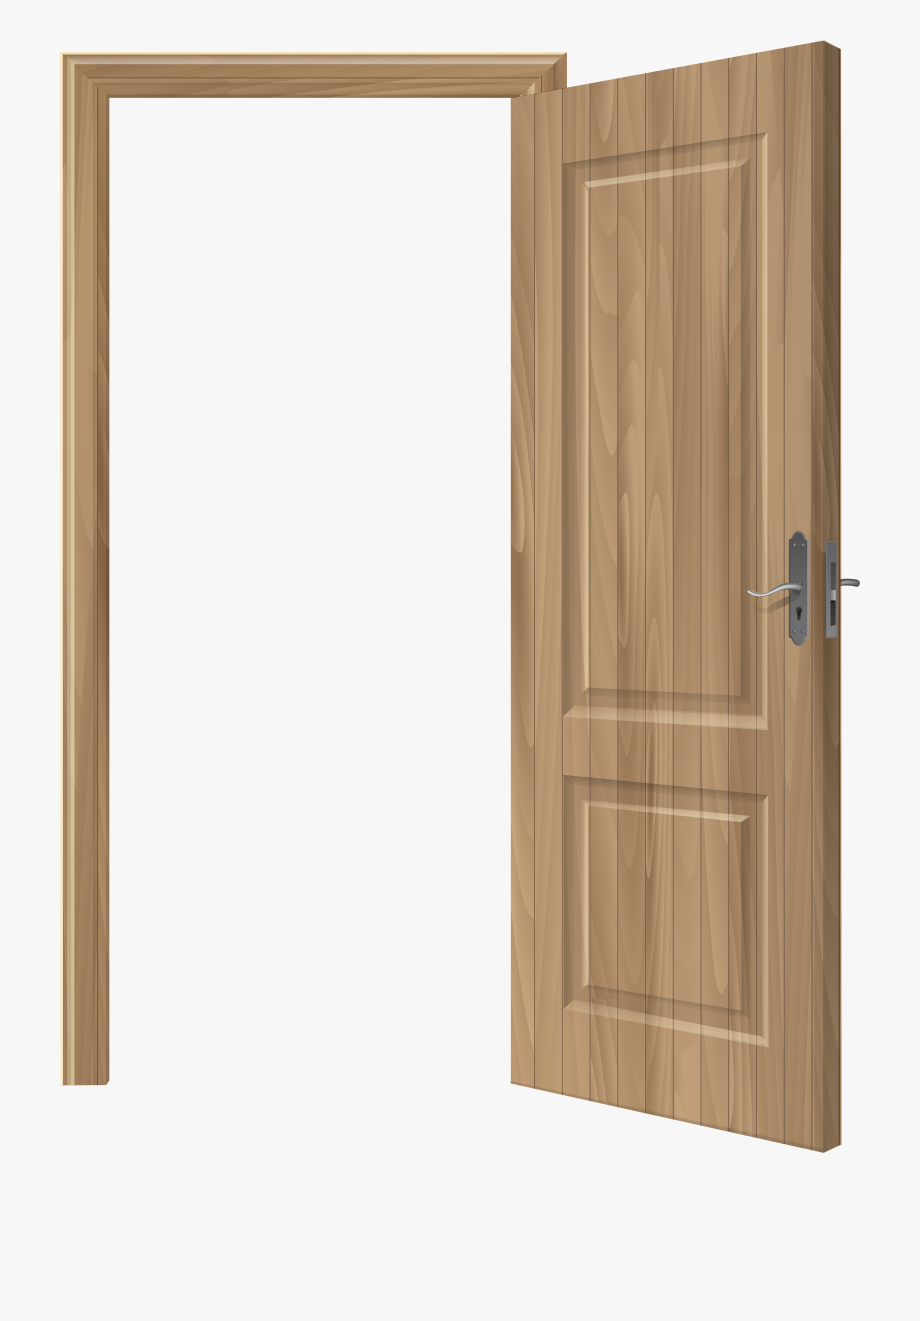 Door clipart opened door. Open wooden png clip